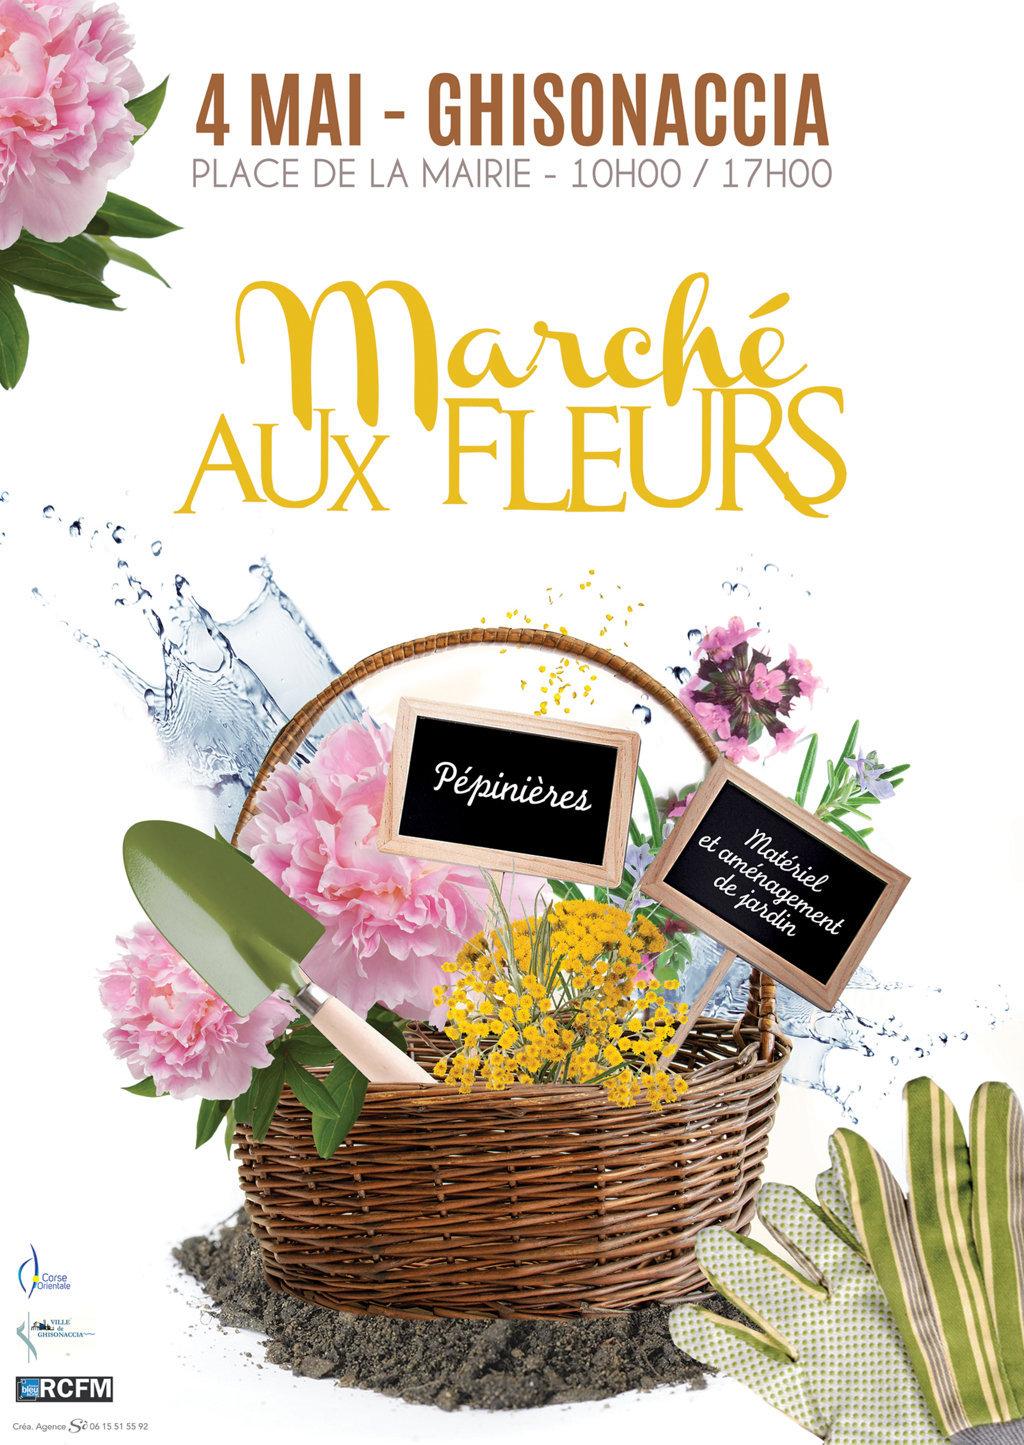 Marché aux Fleurs le 4 mai 2019 - Casa Cumuna di Ghisonaccia ...